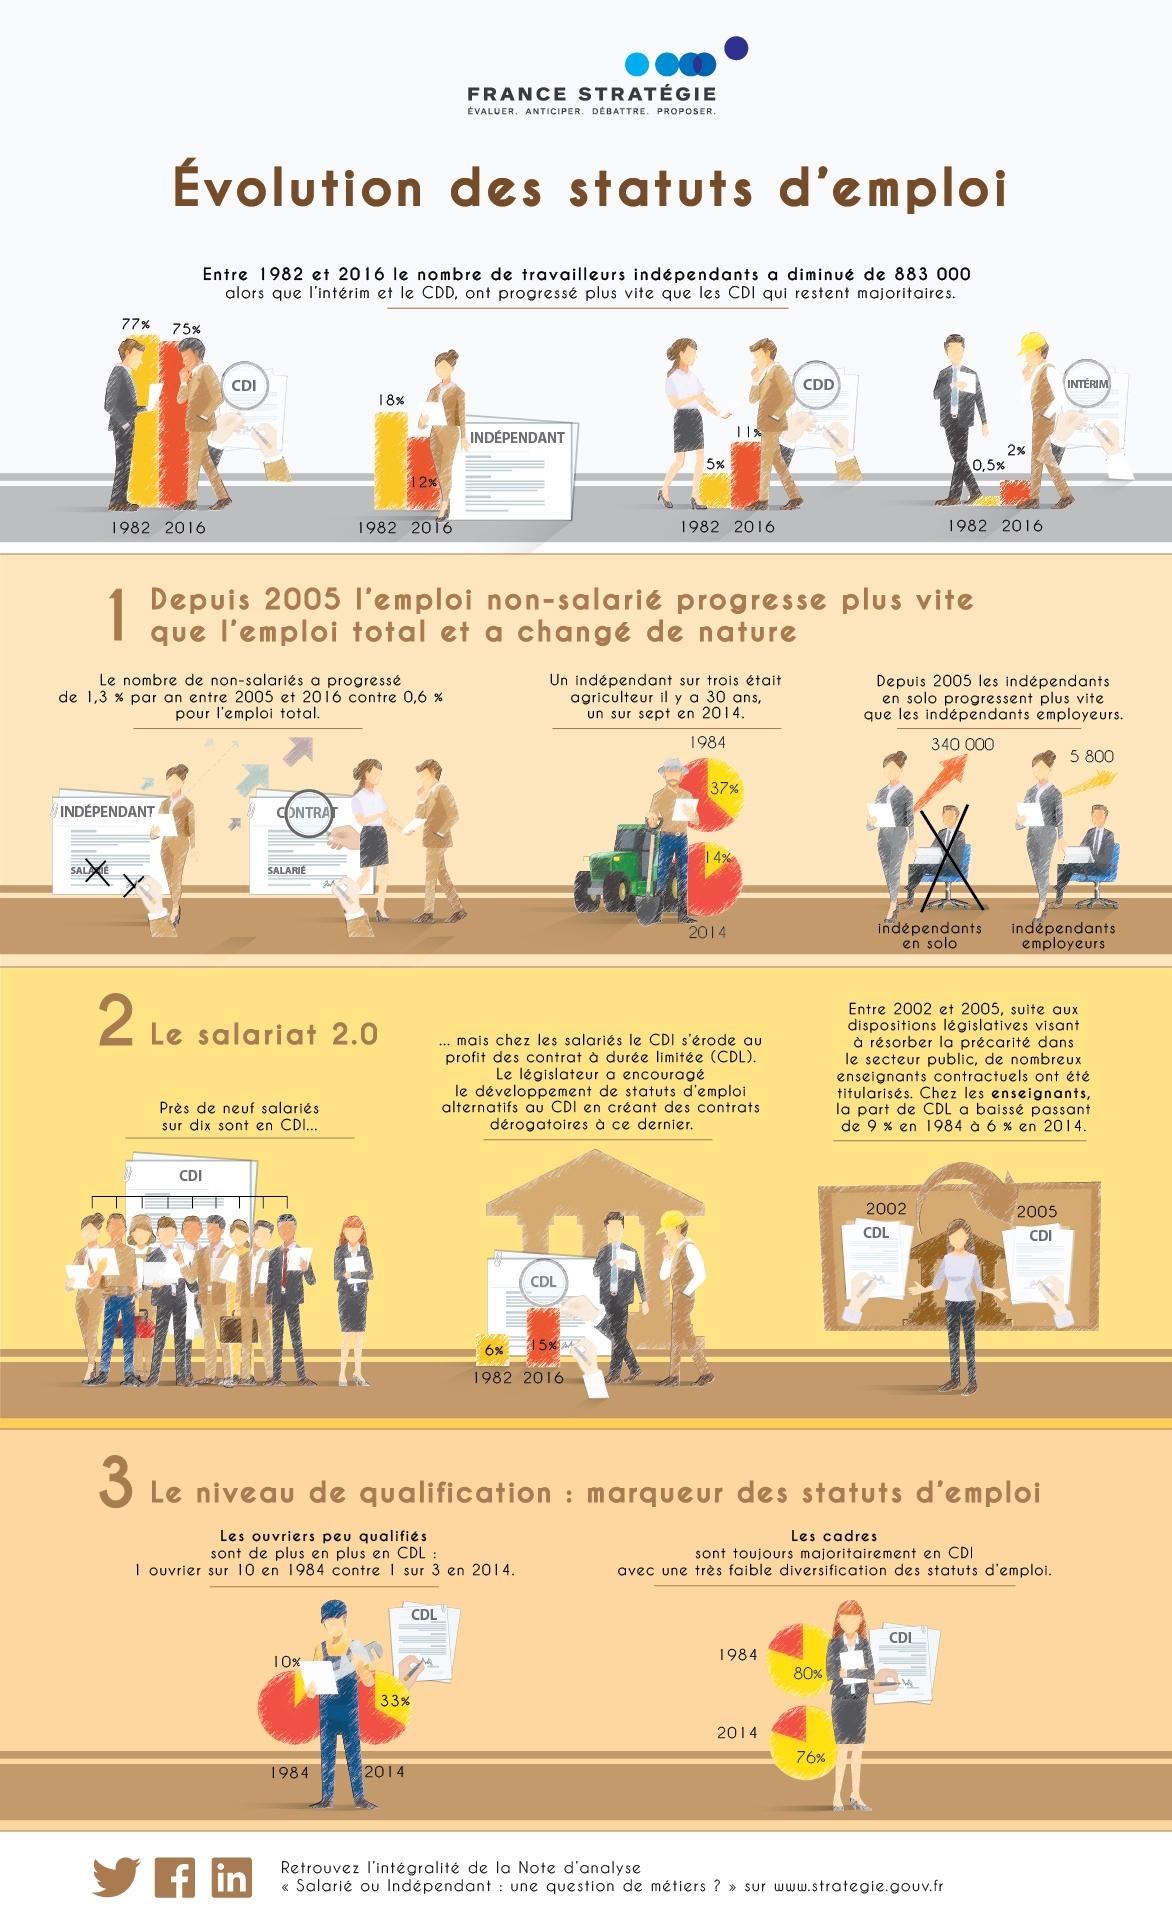 Évolution des statuts de l'emploi